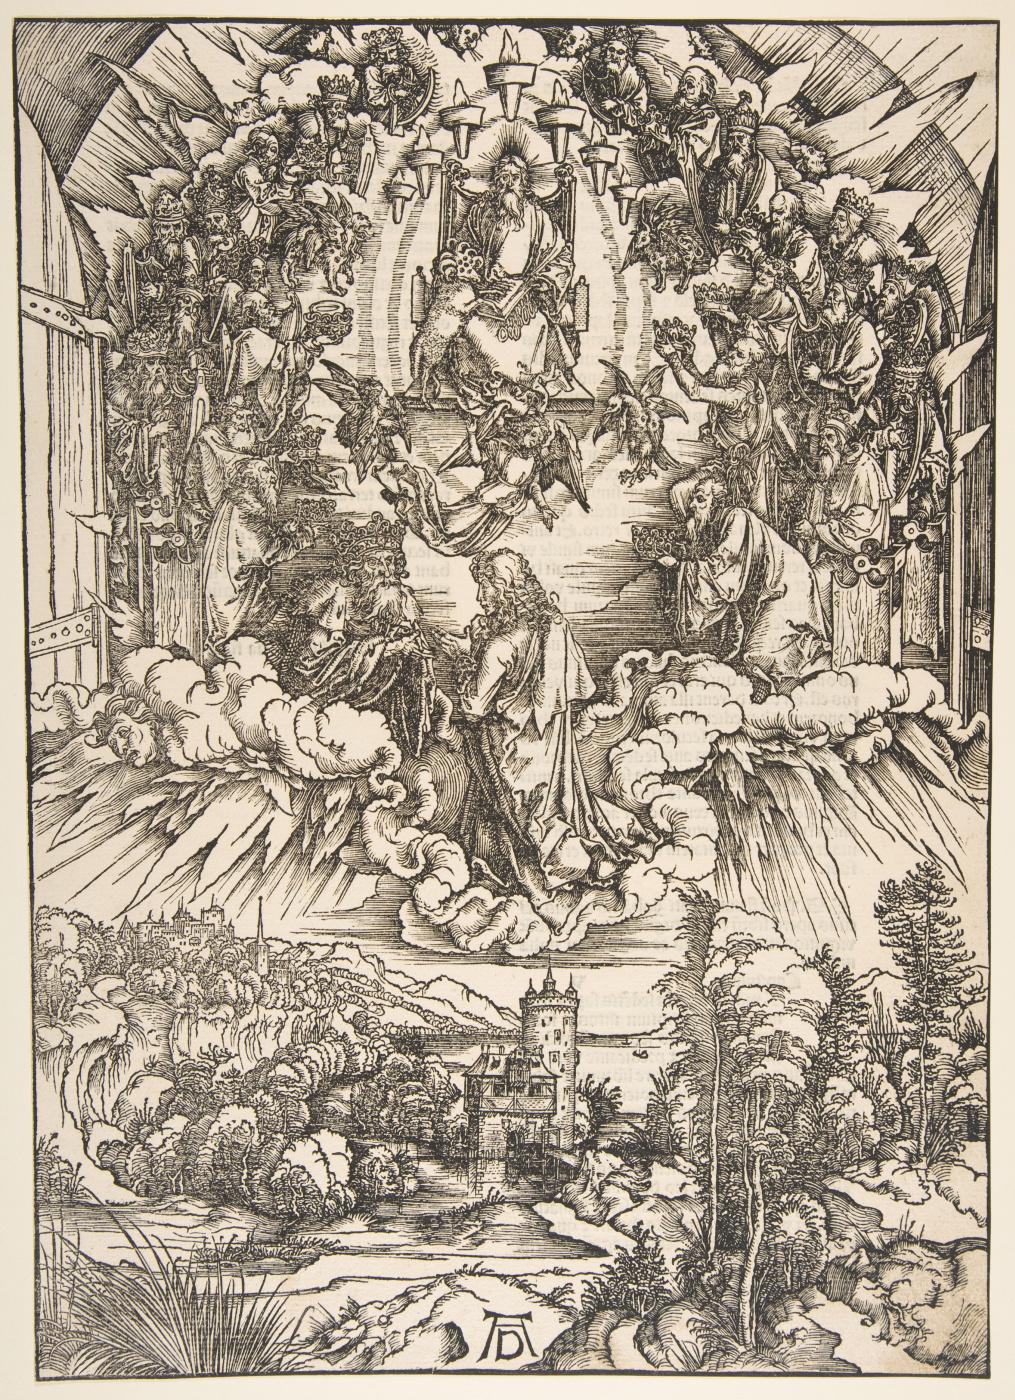 Albrecht Dürer. John before God and the twenty-four elders